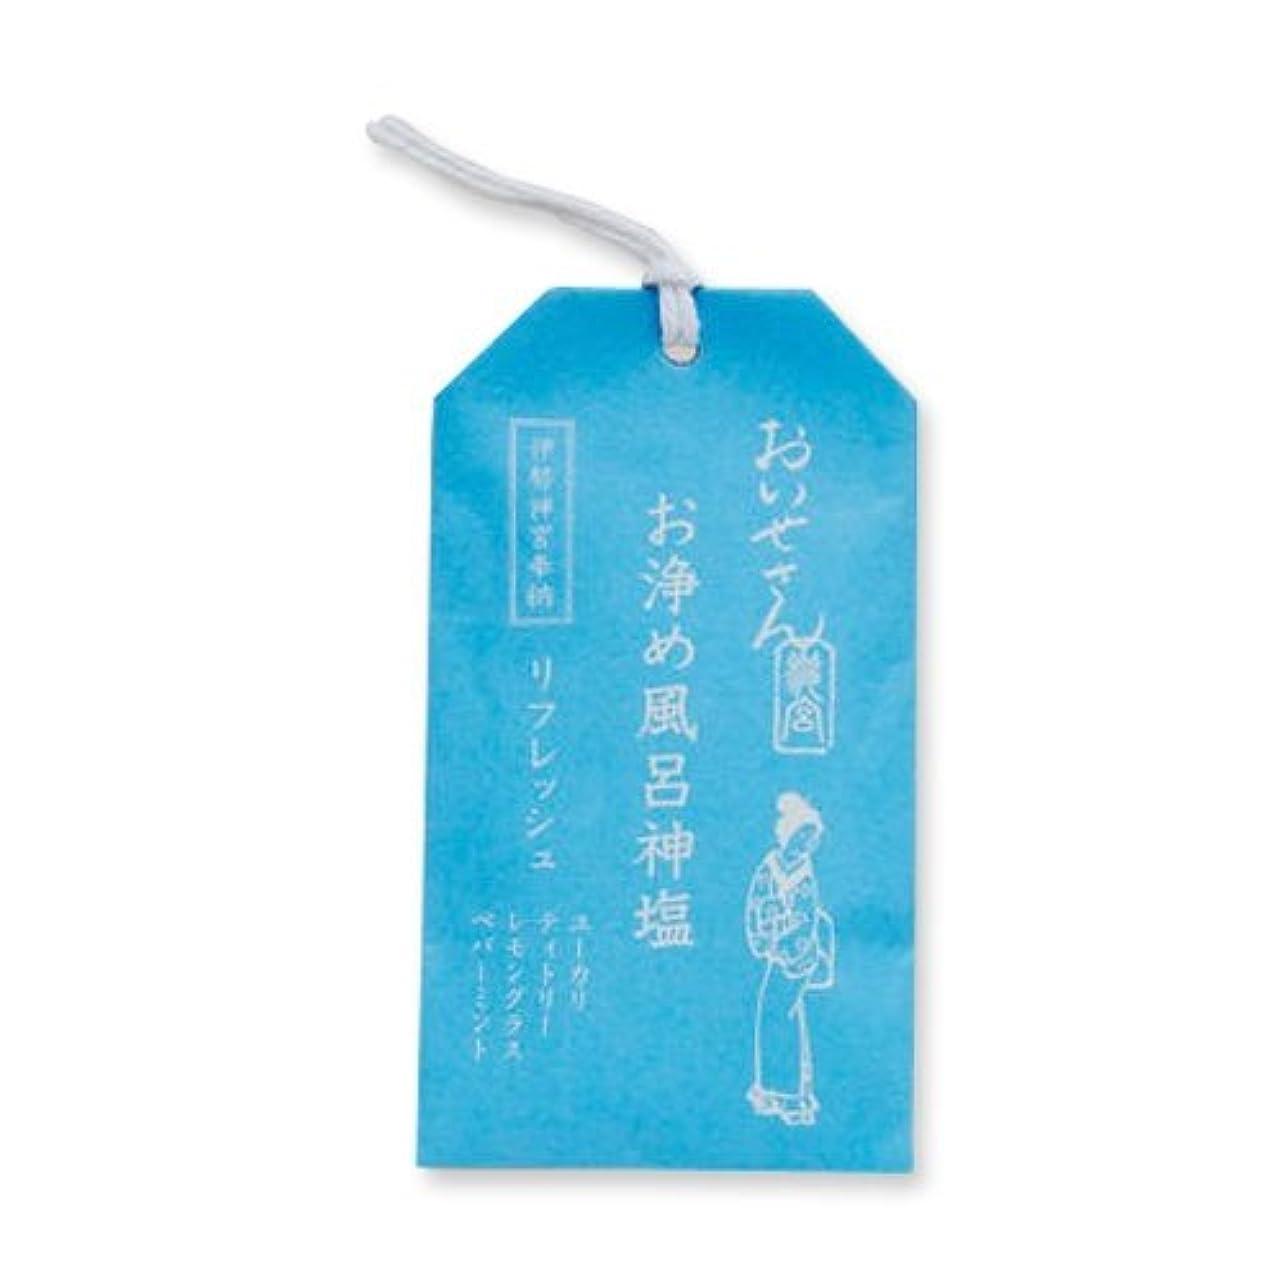 バーガーカジュアル否定するおいせさん お浄め風呂神塩 バス用ソルト(リフレッシュ) 20g